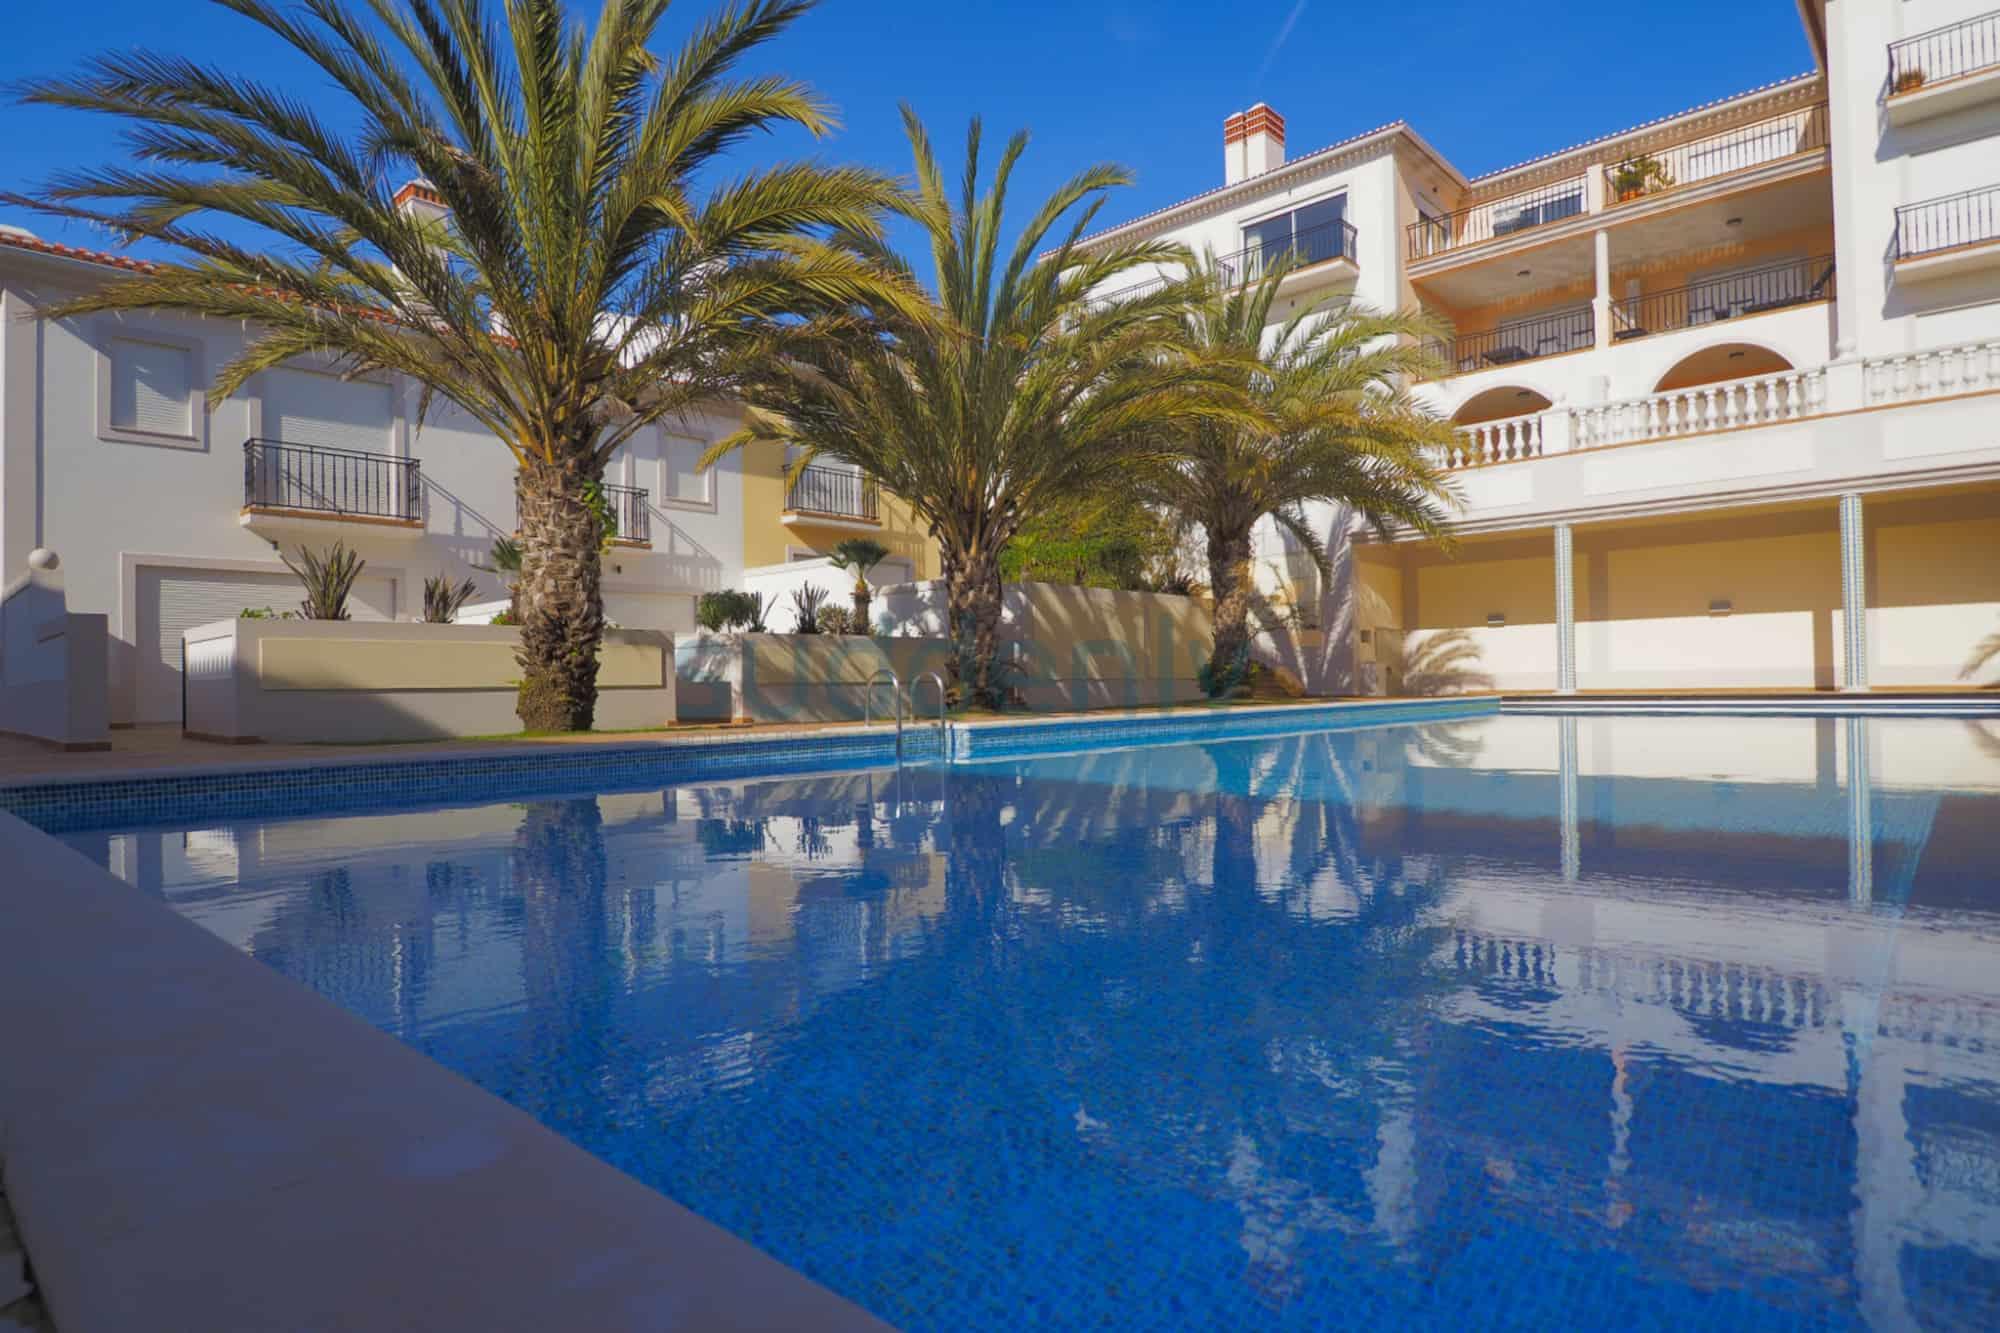 Holiday Rentals in Praia D'El Rey 255